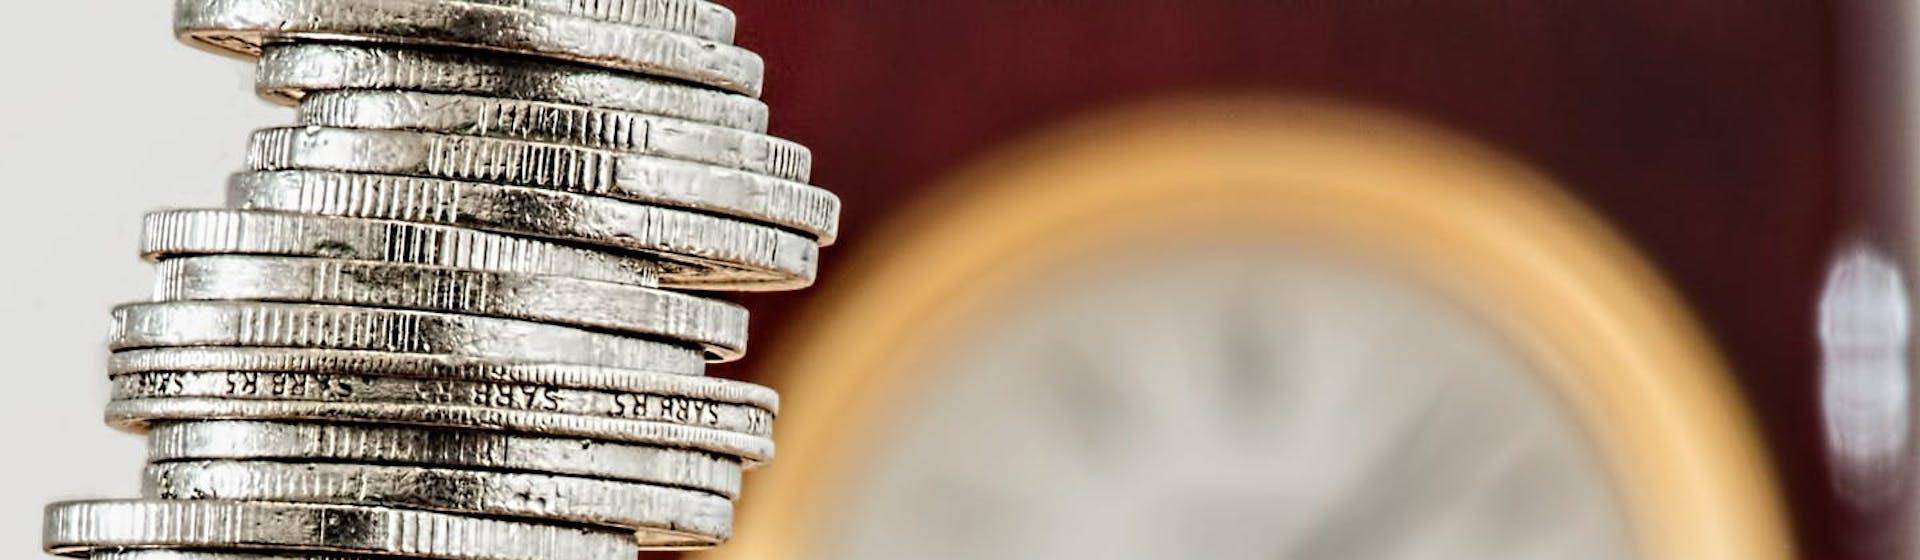 10 recomendaciones para la optimización de costos en recursos humanos